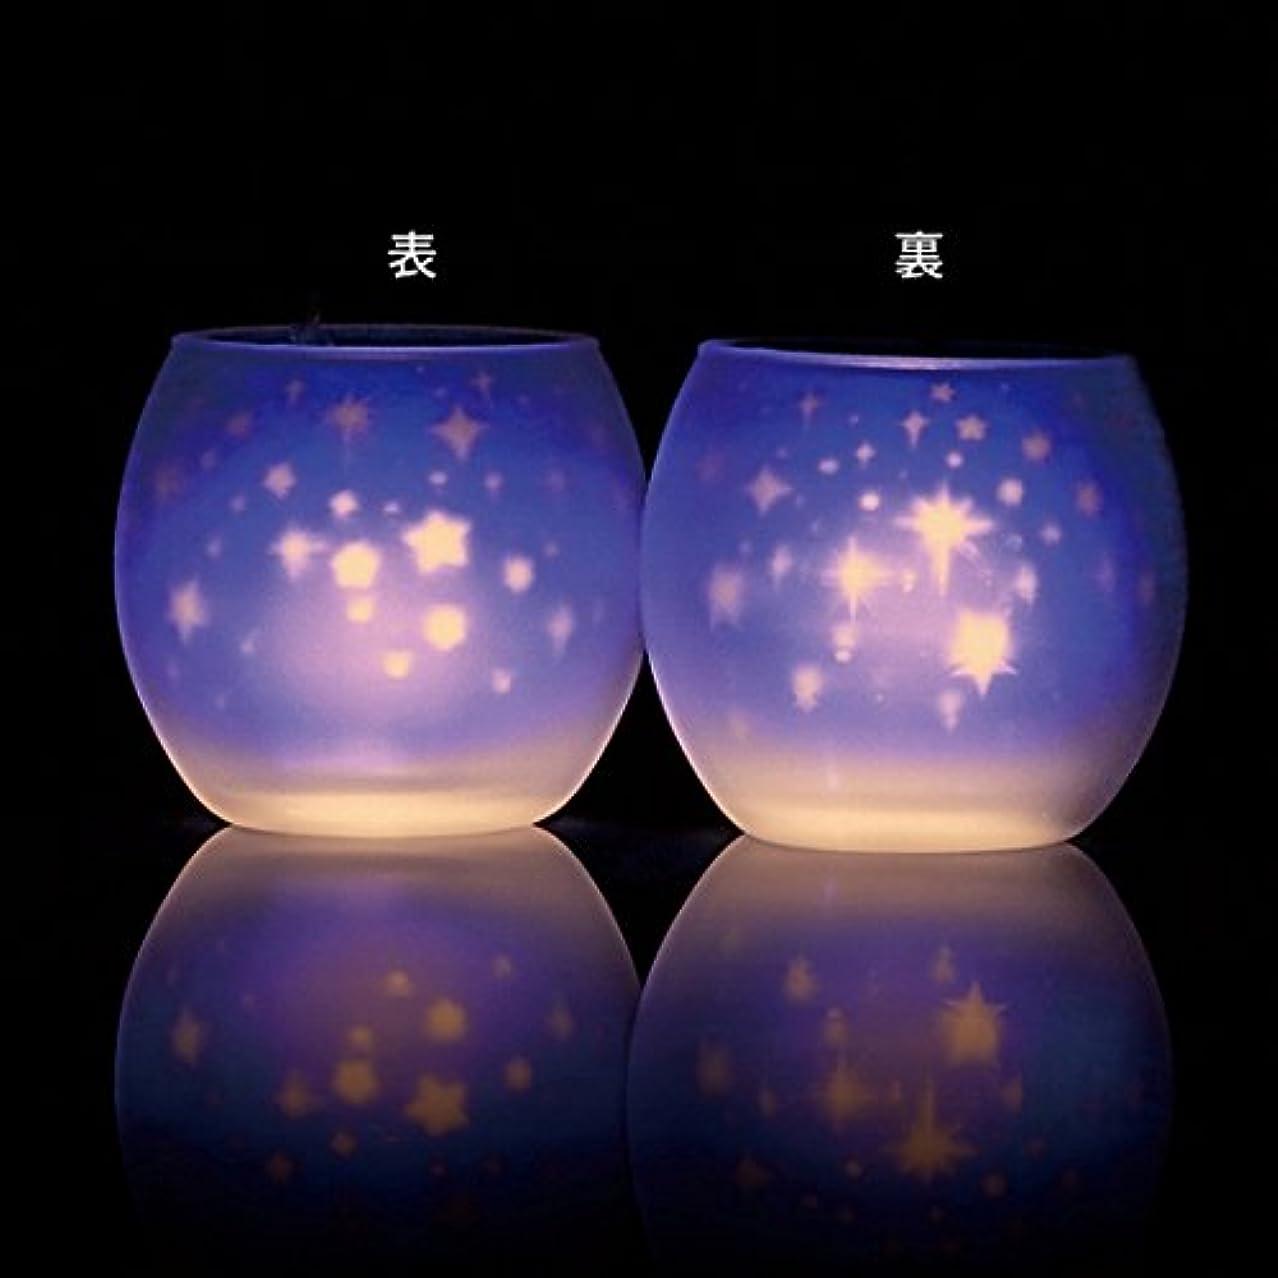 酸化物リム統治するカメヤマキャンドル(kameyama candle) ファインシルエットグラス【日本製キャンドル4個付き】 「 スターダスト 」